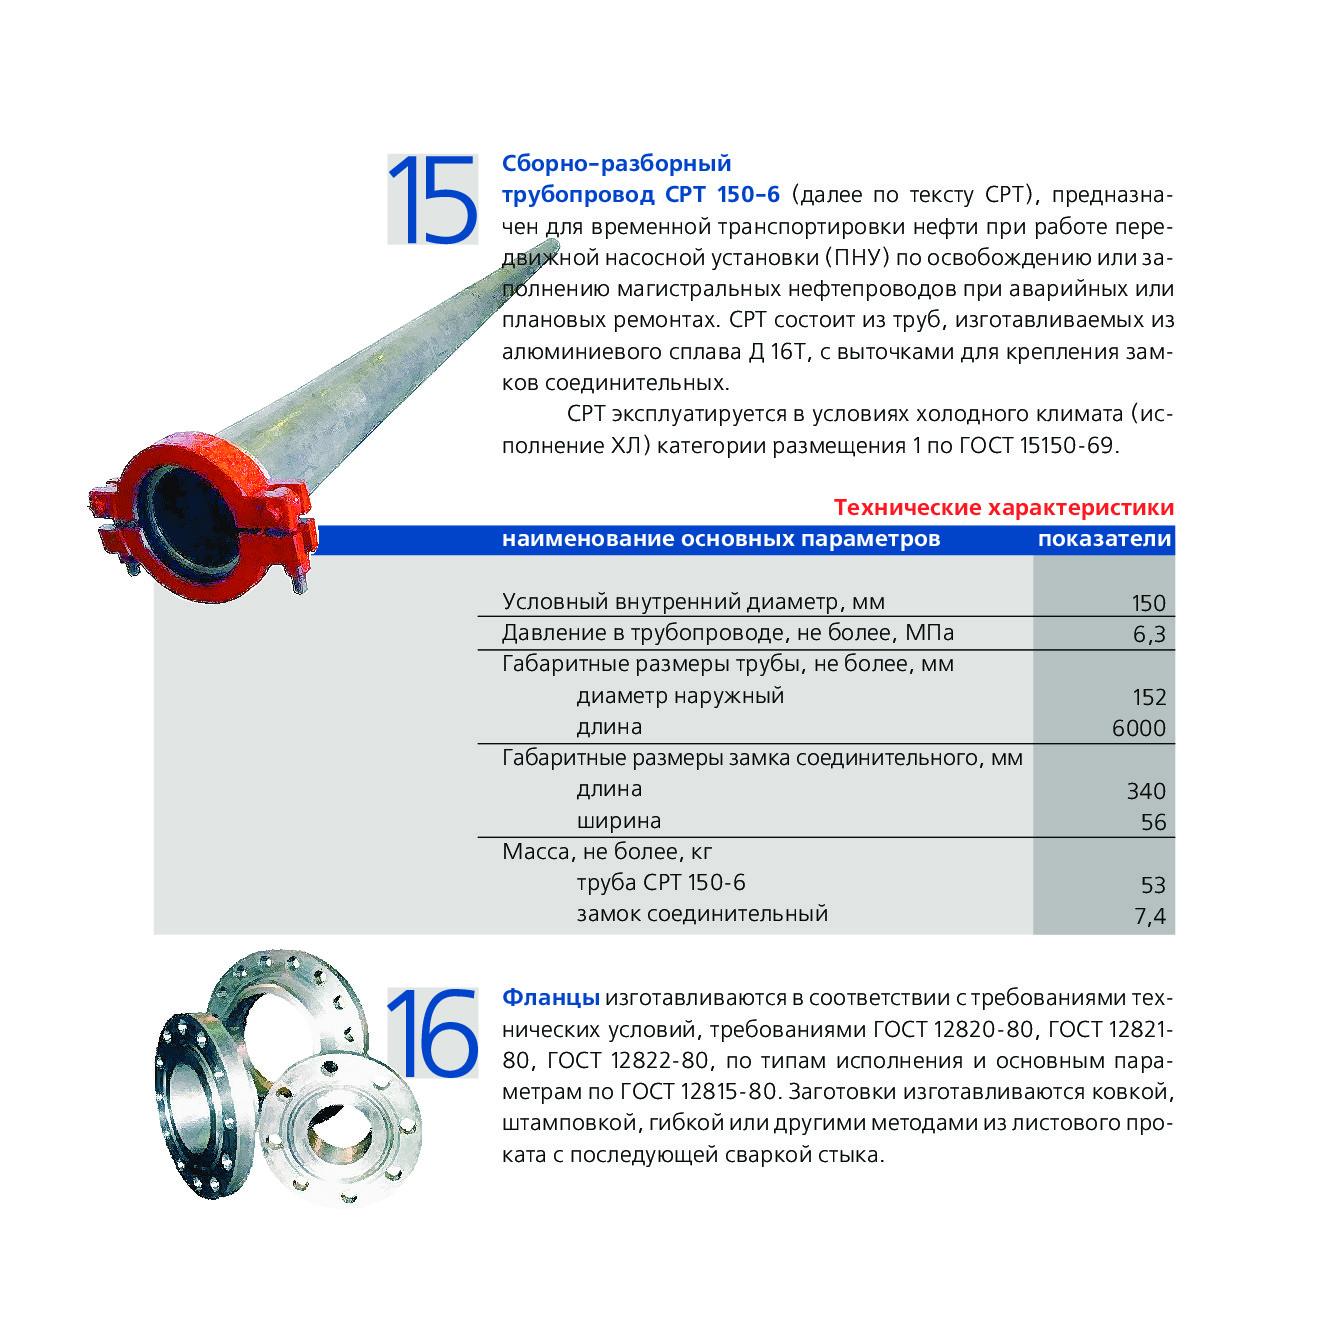 Сборно-разборный трубопровод СРТ 150-6